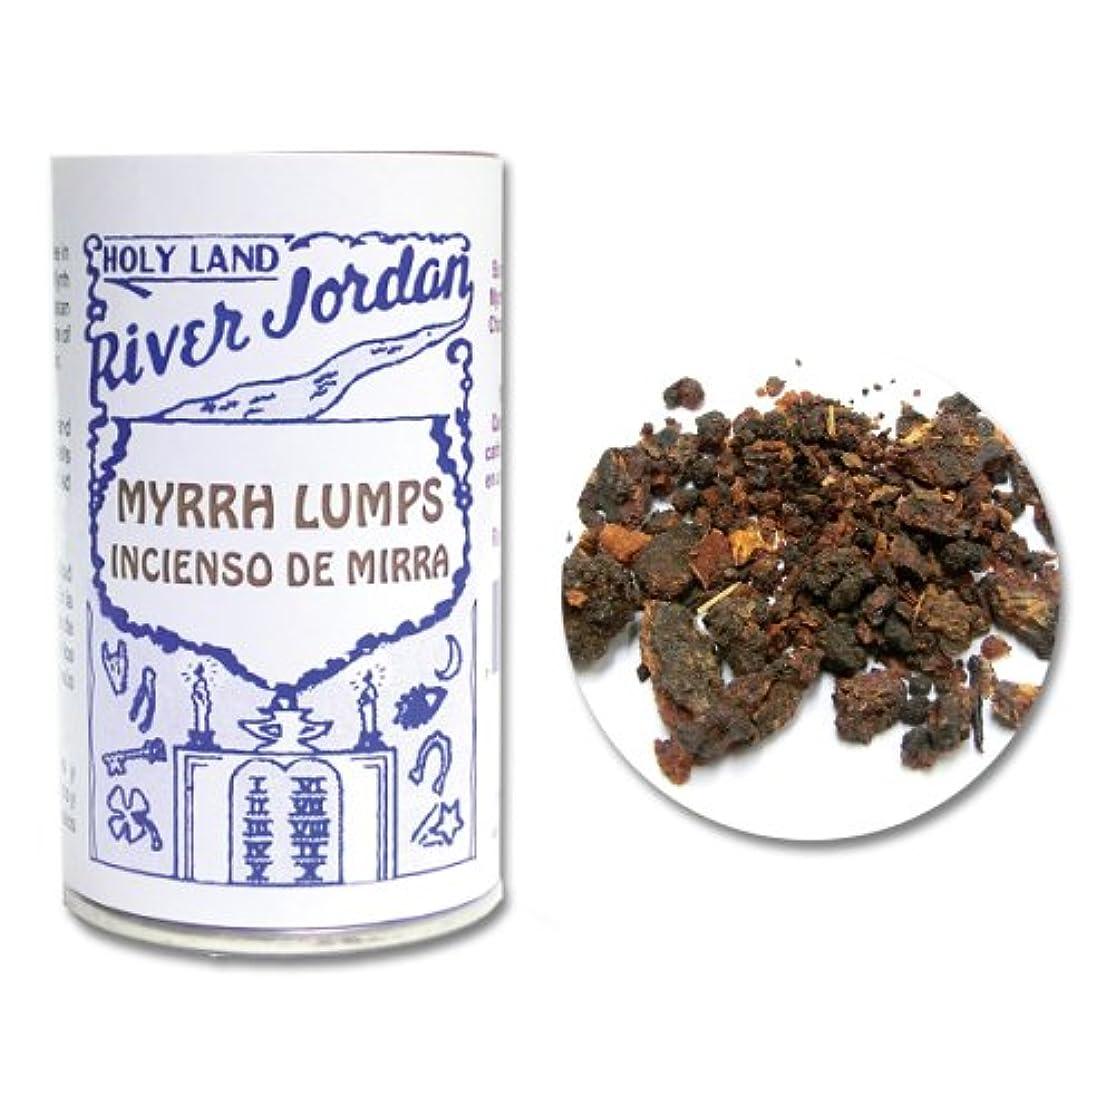 破裂抵抗力がある同等のJordan Resin Incense - Myrrh Lump